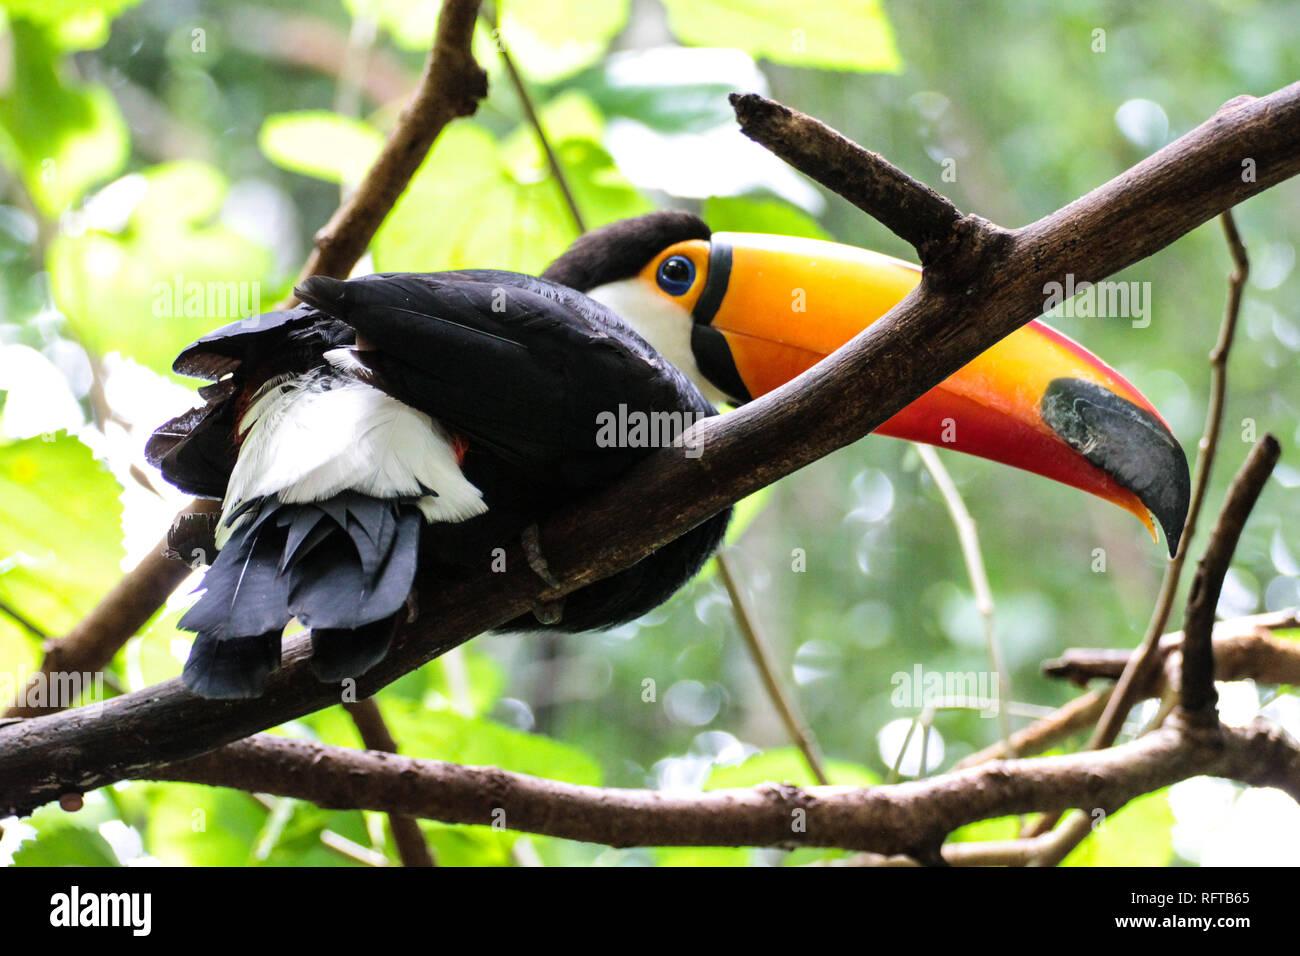 Tukan, einer der schönsten tropischen Vögel - Stock Image